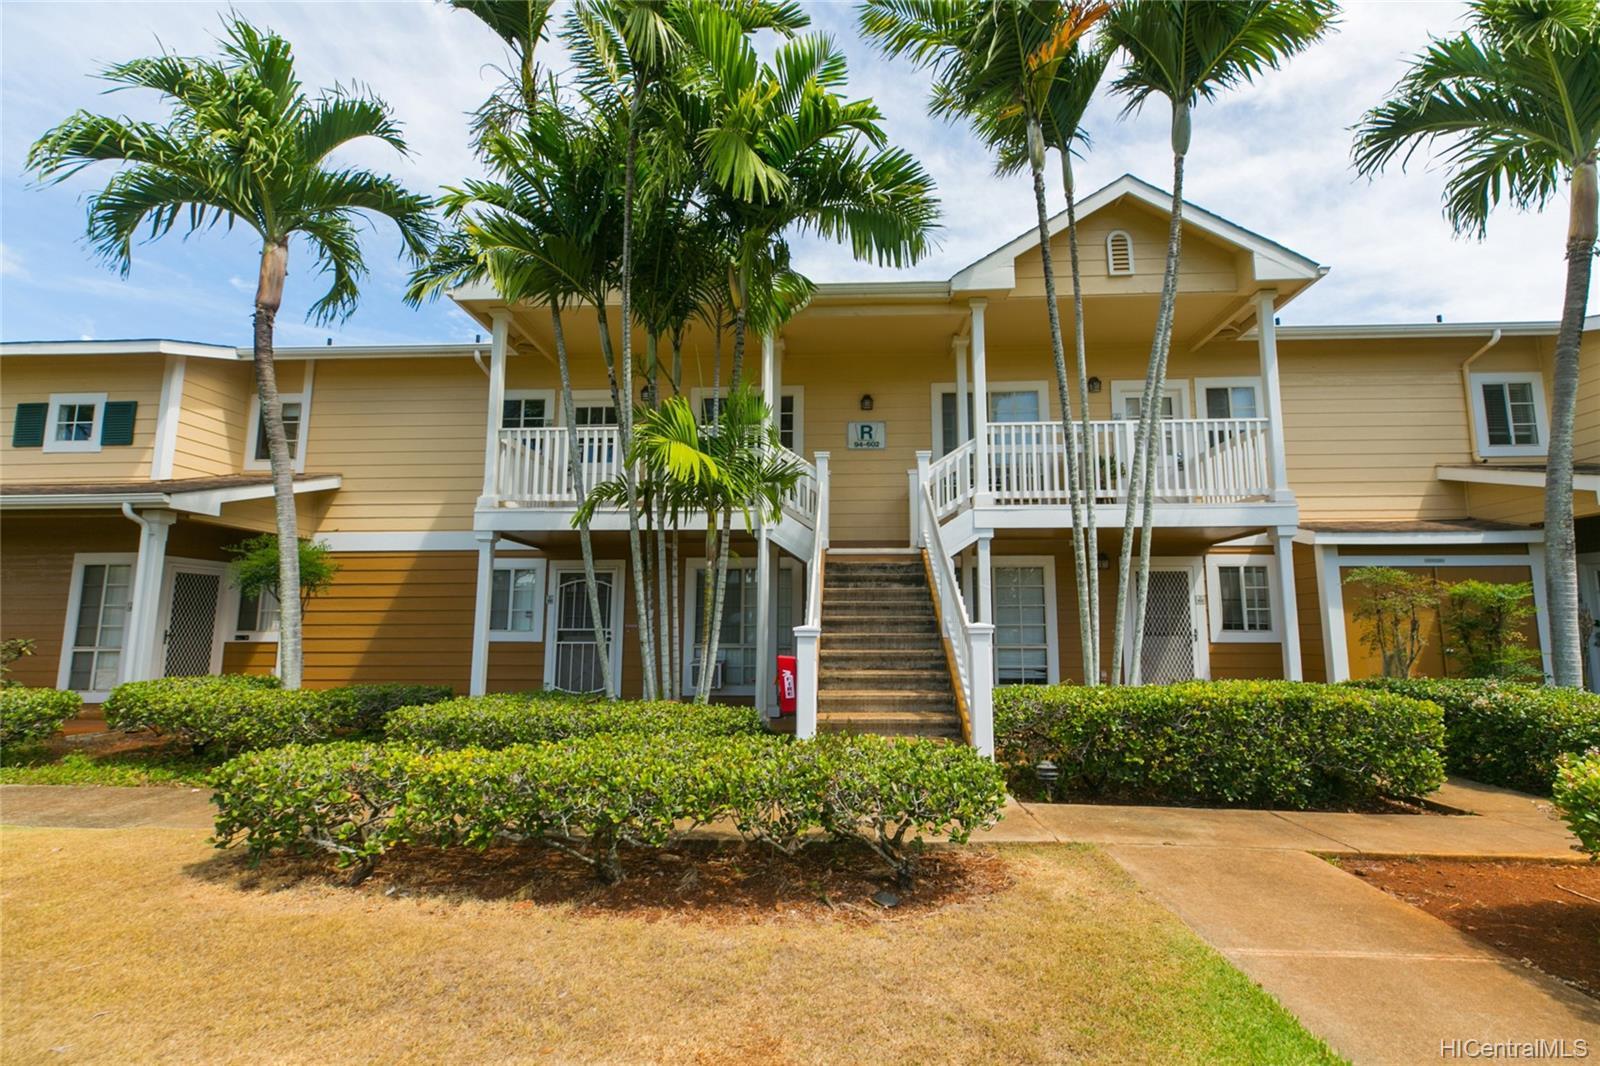 94-602 Lumiauau Street townhouse # R202, Waipahu, Hawaii - photo 24 of 24